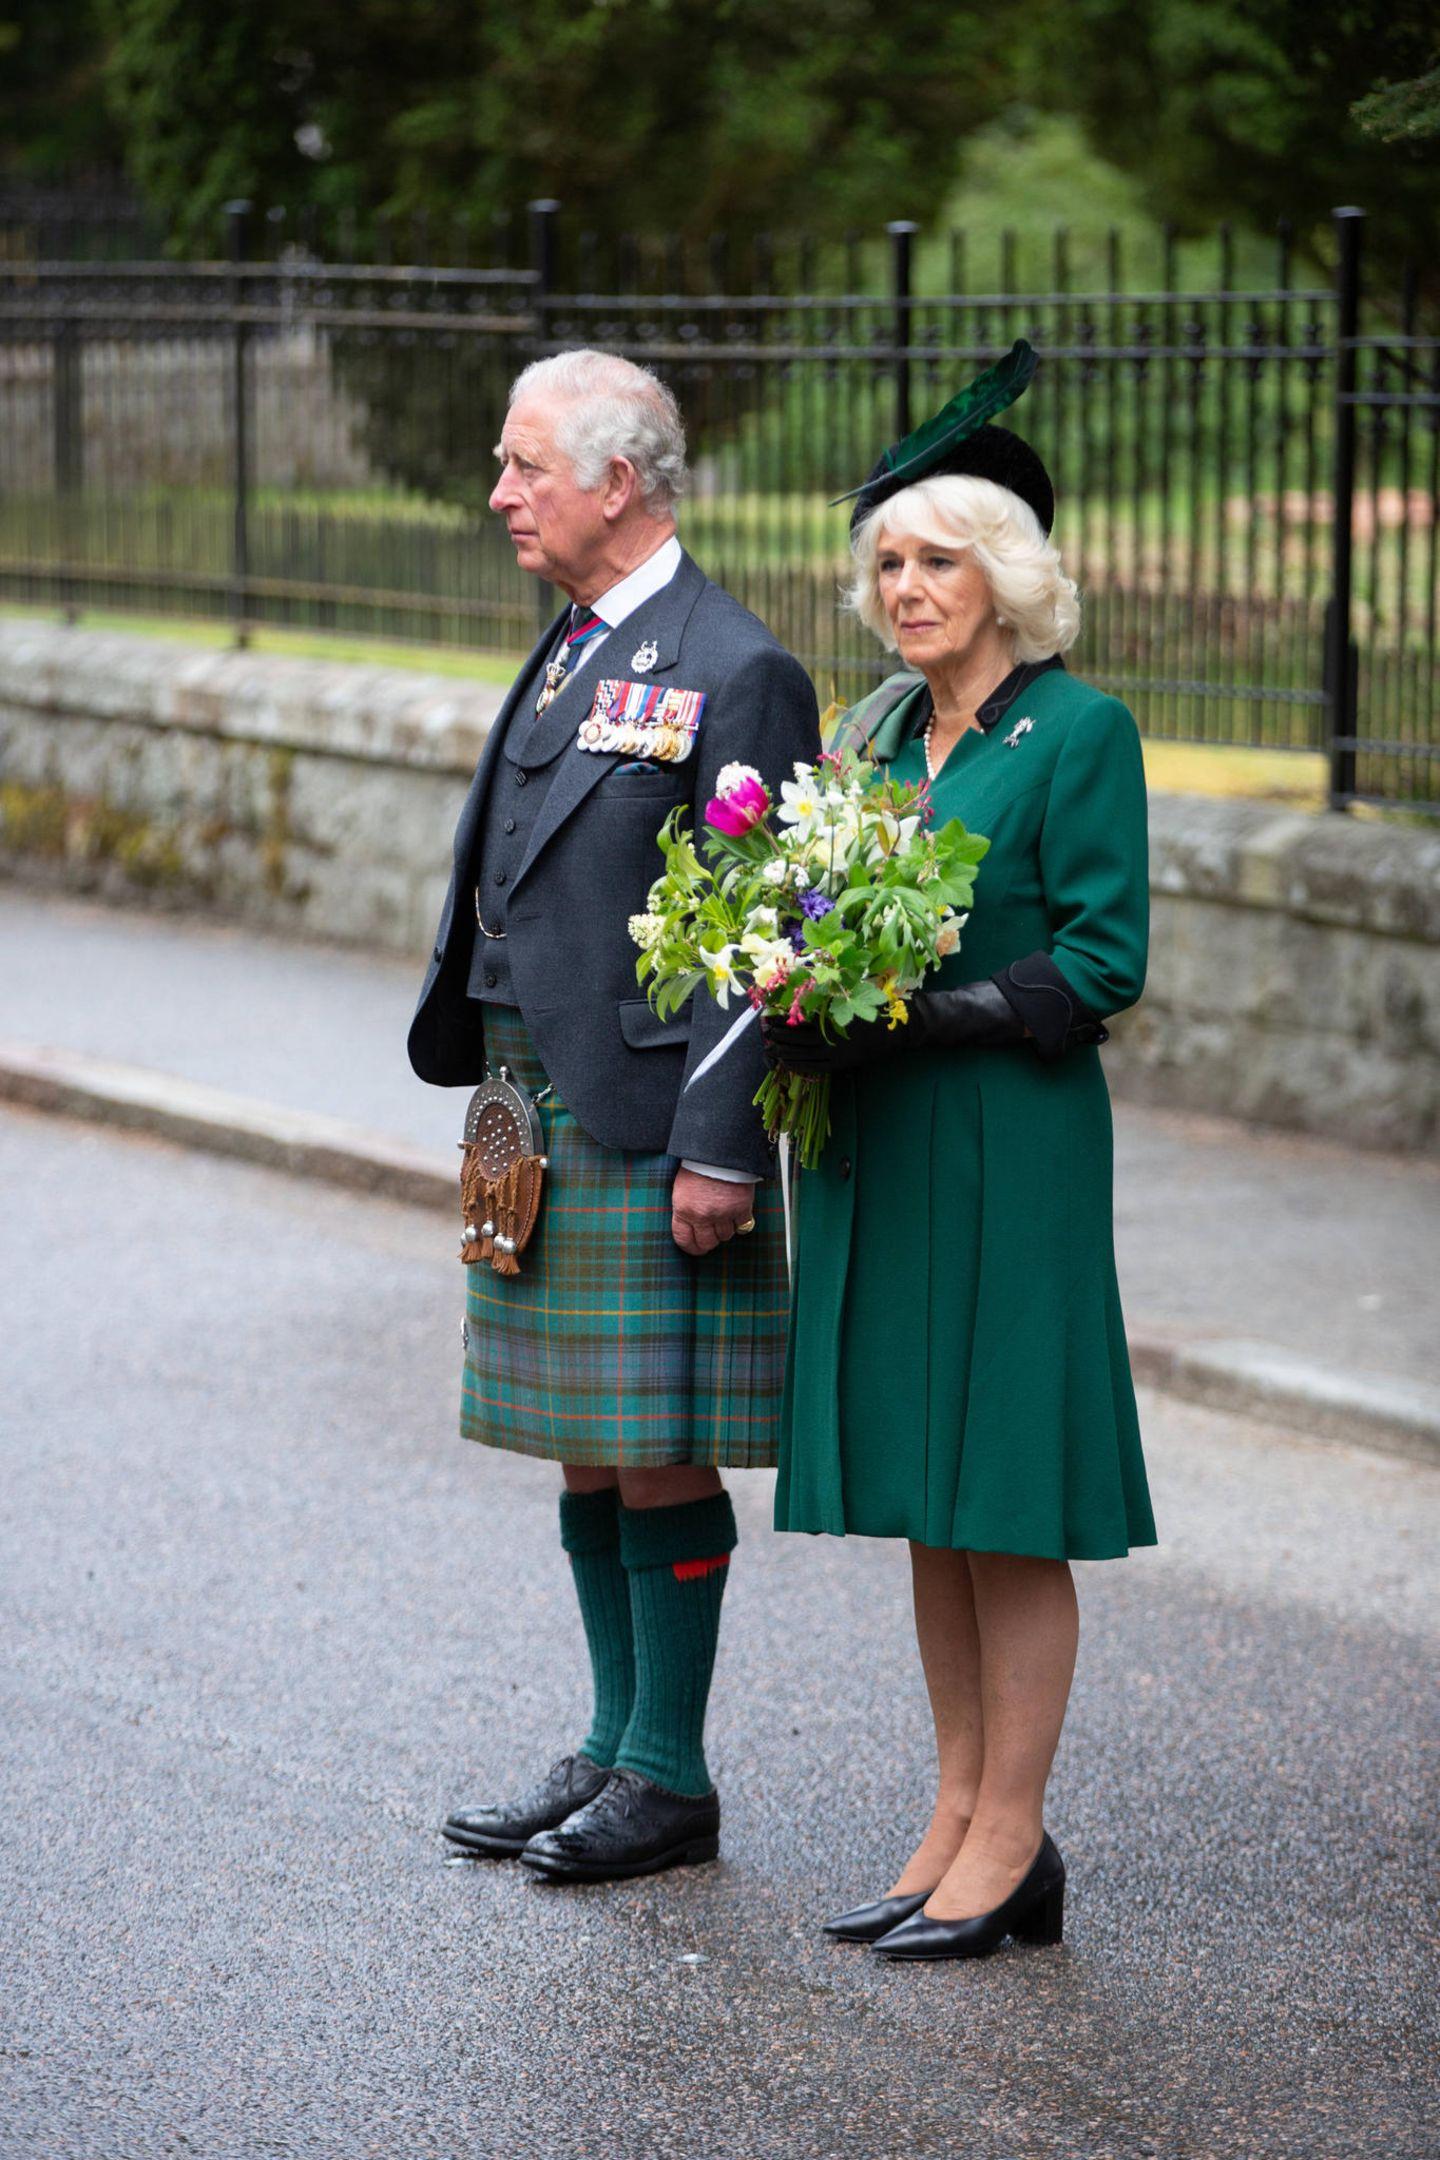 Um 11 Uhr istes am heutigen Freitag (8. Mai)ganz ruhig in Großbritannien: Zwei Minuten lang wird landesweit all jenen gedacht, die im Zweiten Weltkrieg kämpften und denen, die ihr Leben ließen. Da sich Prinz Charles von Wales und seine Ehefrau Camilla, die Herzogin von Cornwall, zur Zeit aufgrund der Corona-Pandemie auf ihrem schottischen Landsitz Birkhall aufhalten, legen sie sie gemeinsamam nahegelegenen War Memorial von Schloss BalmoralBlumen nieder.